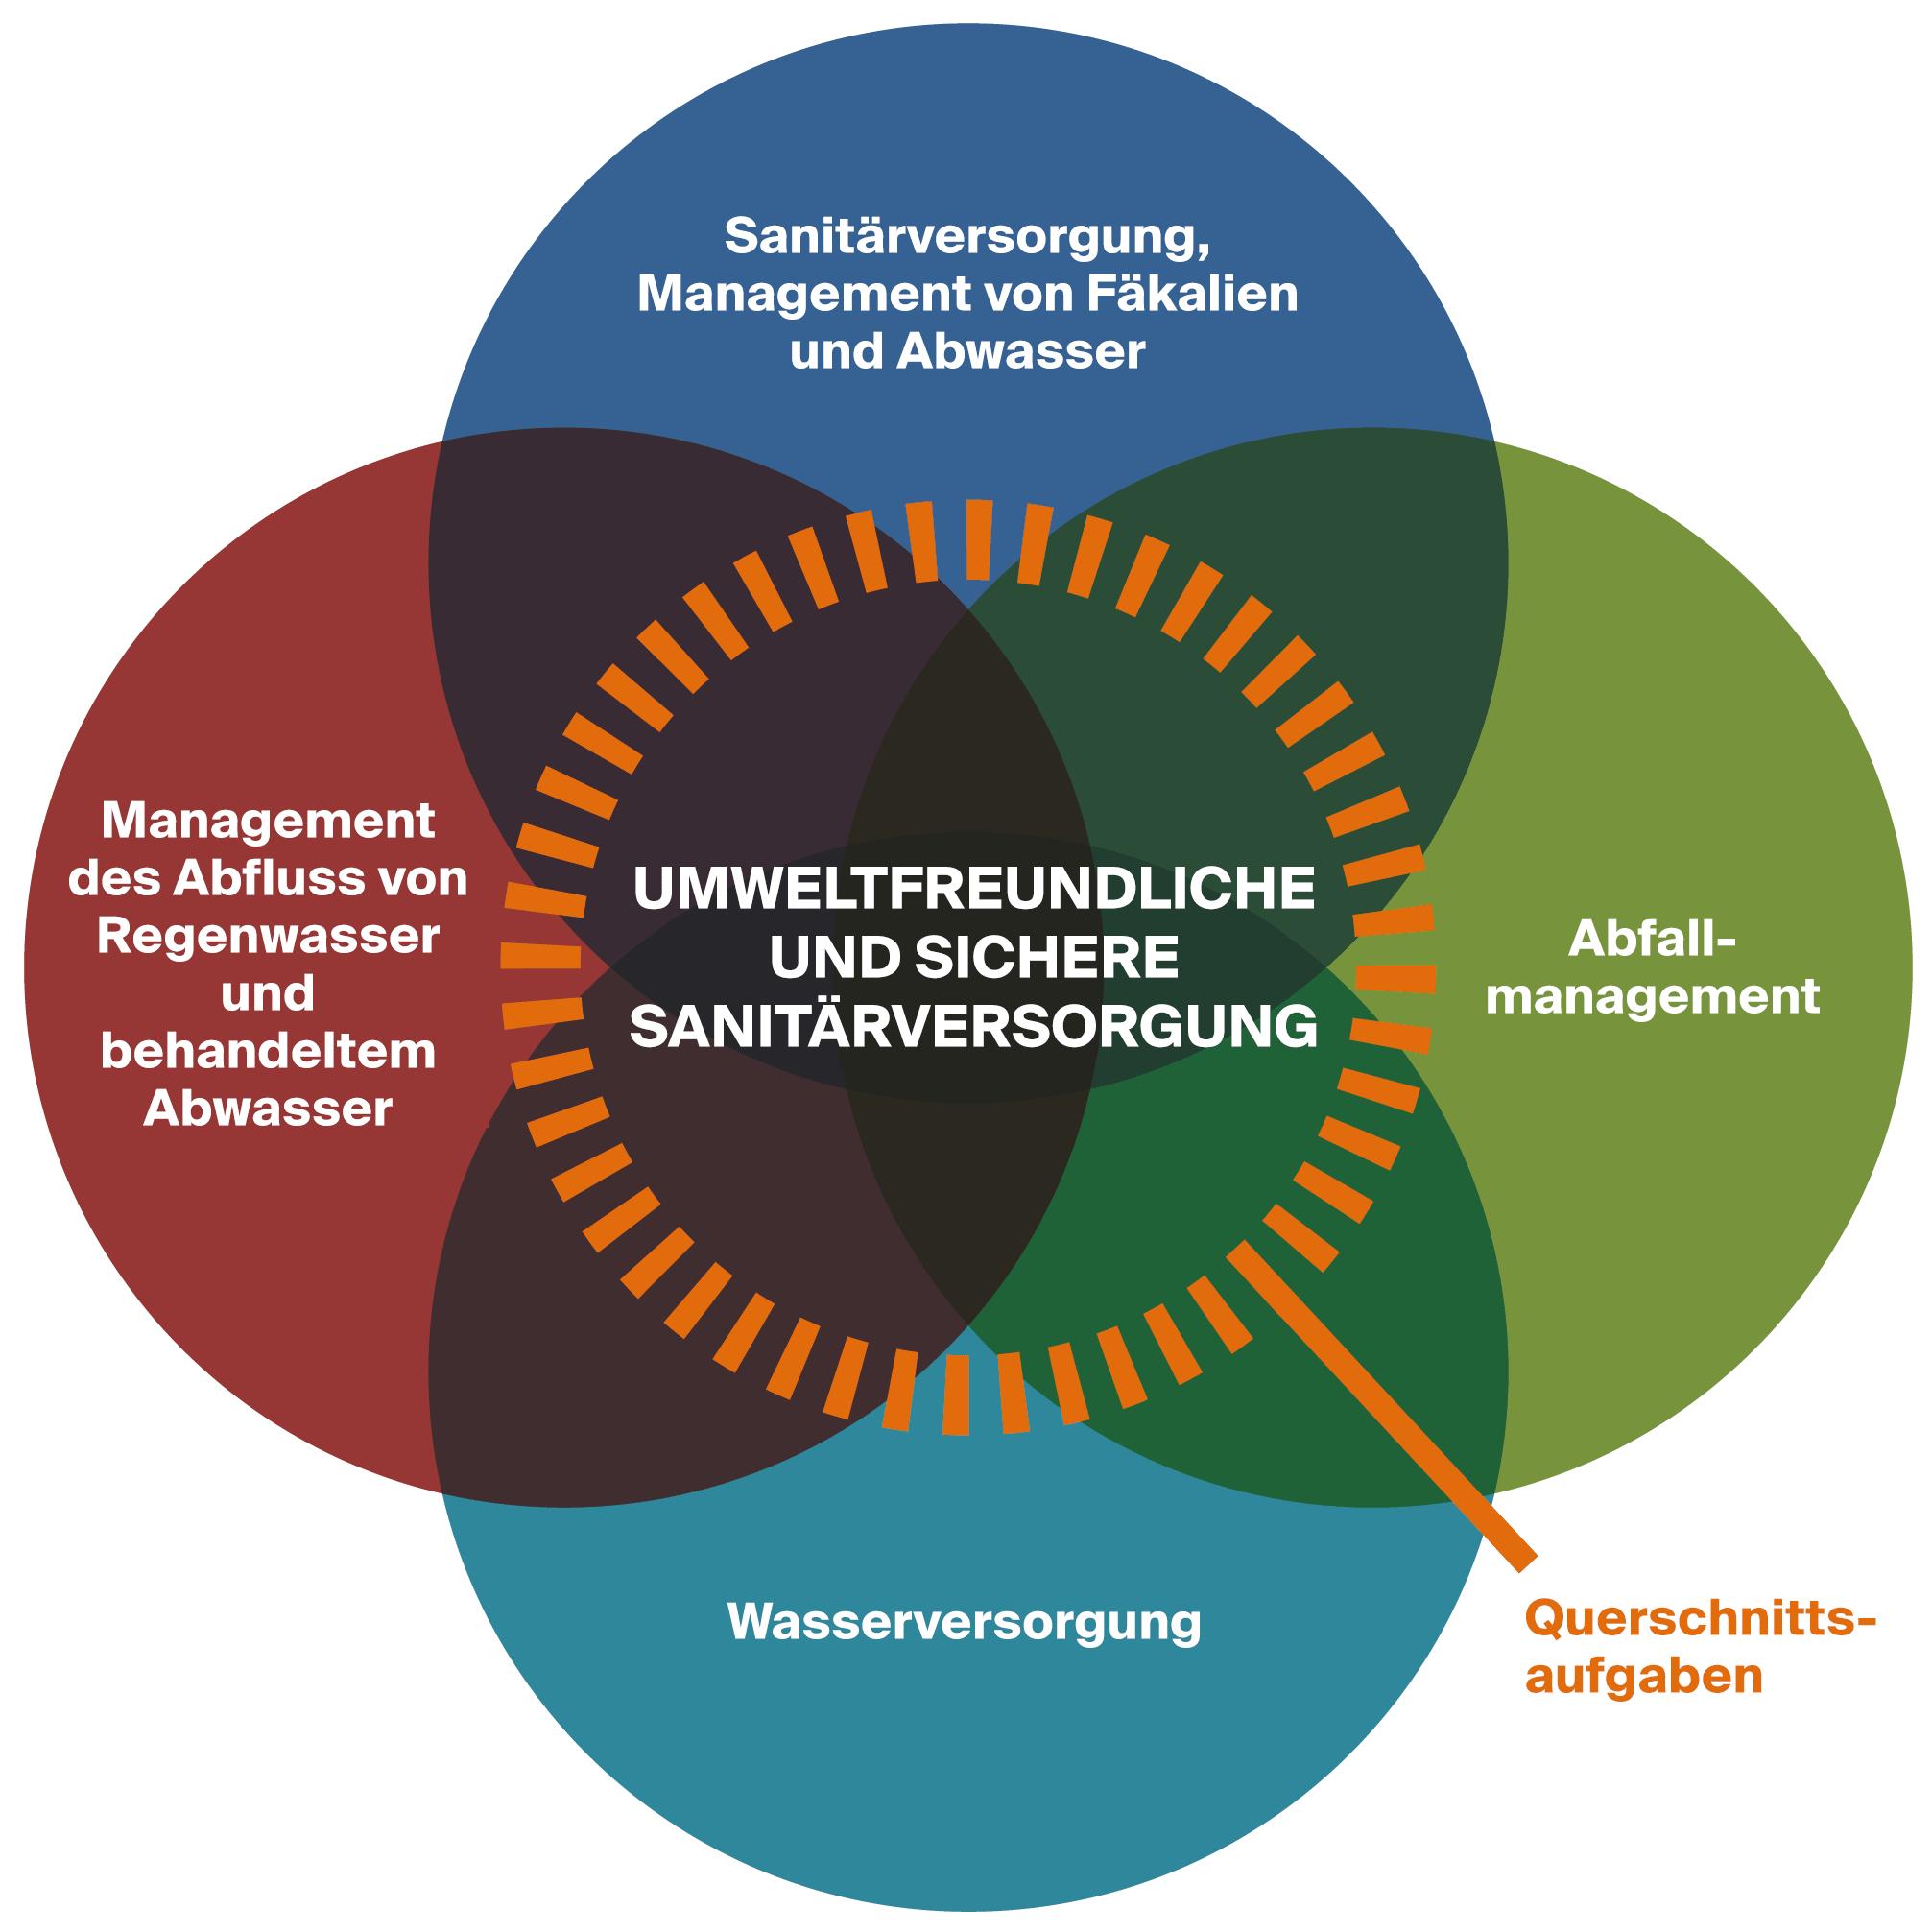 Grafik: Umweltfreundliche und sichere Sanitärversorgung (CSP)